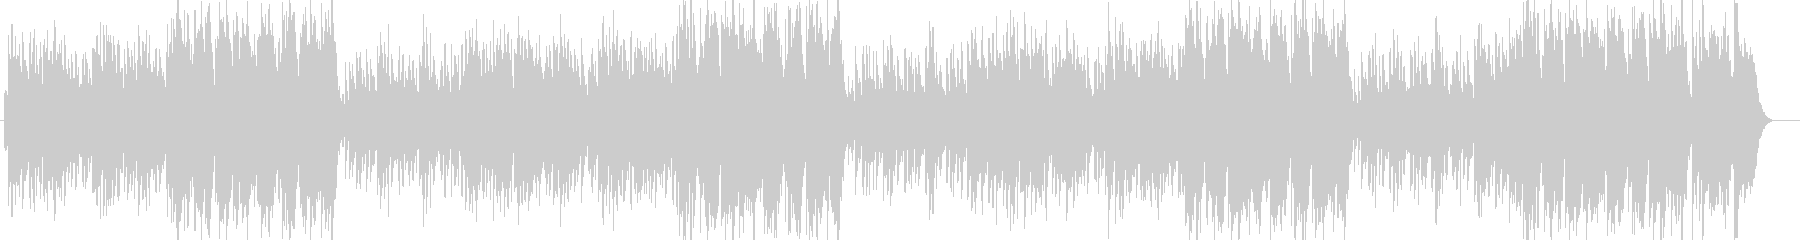 優しいシンセのヒーリングミュージックの未再生の波形